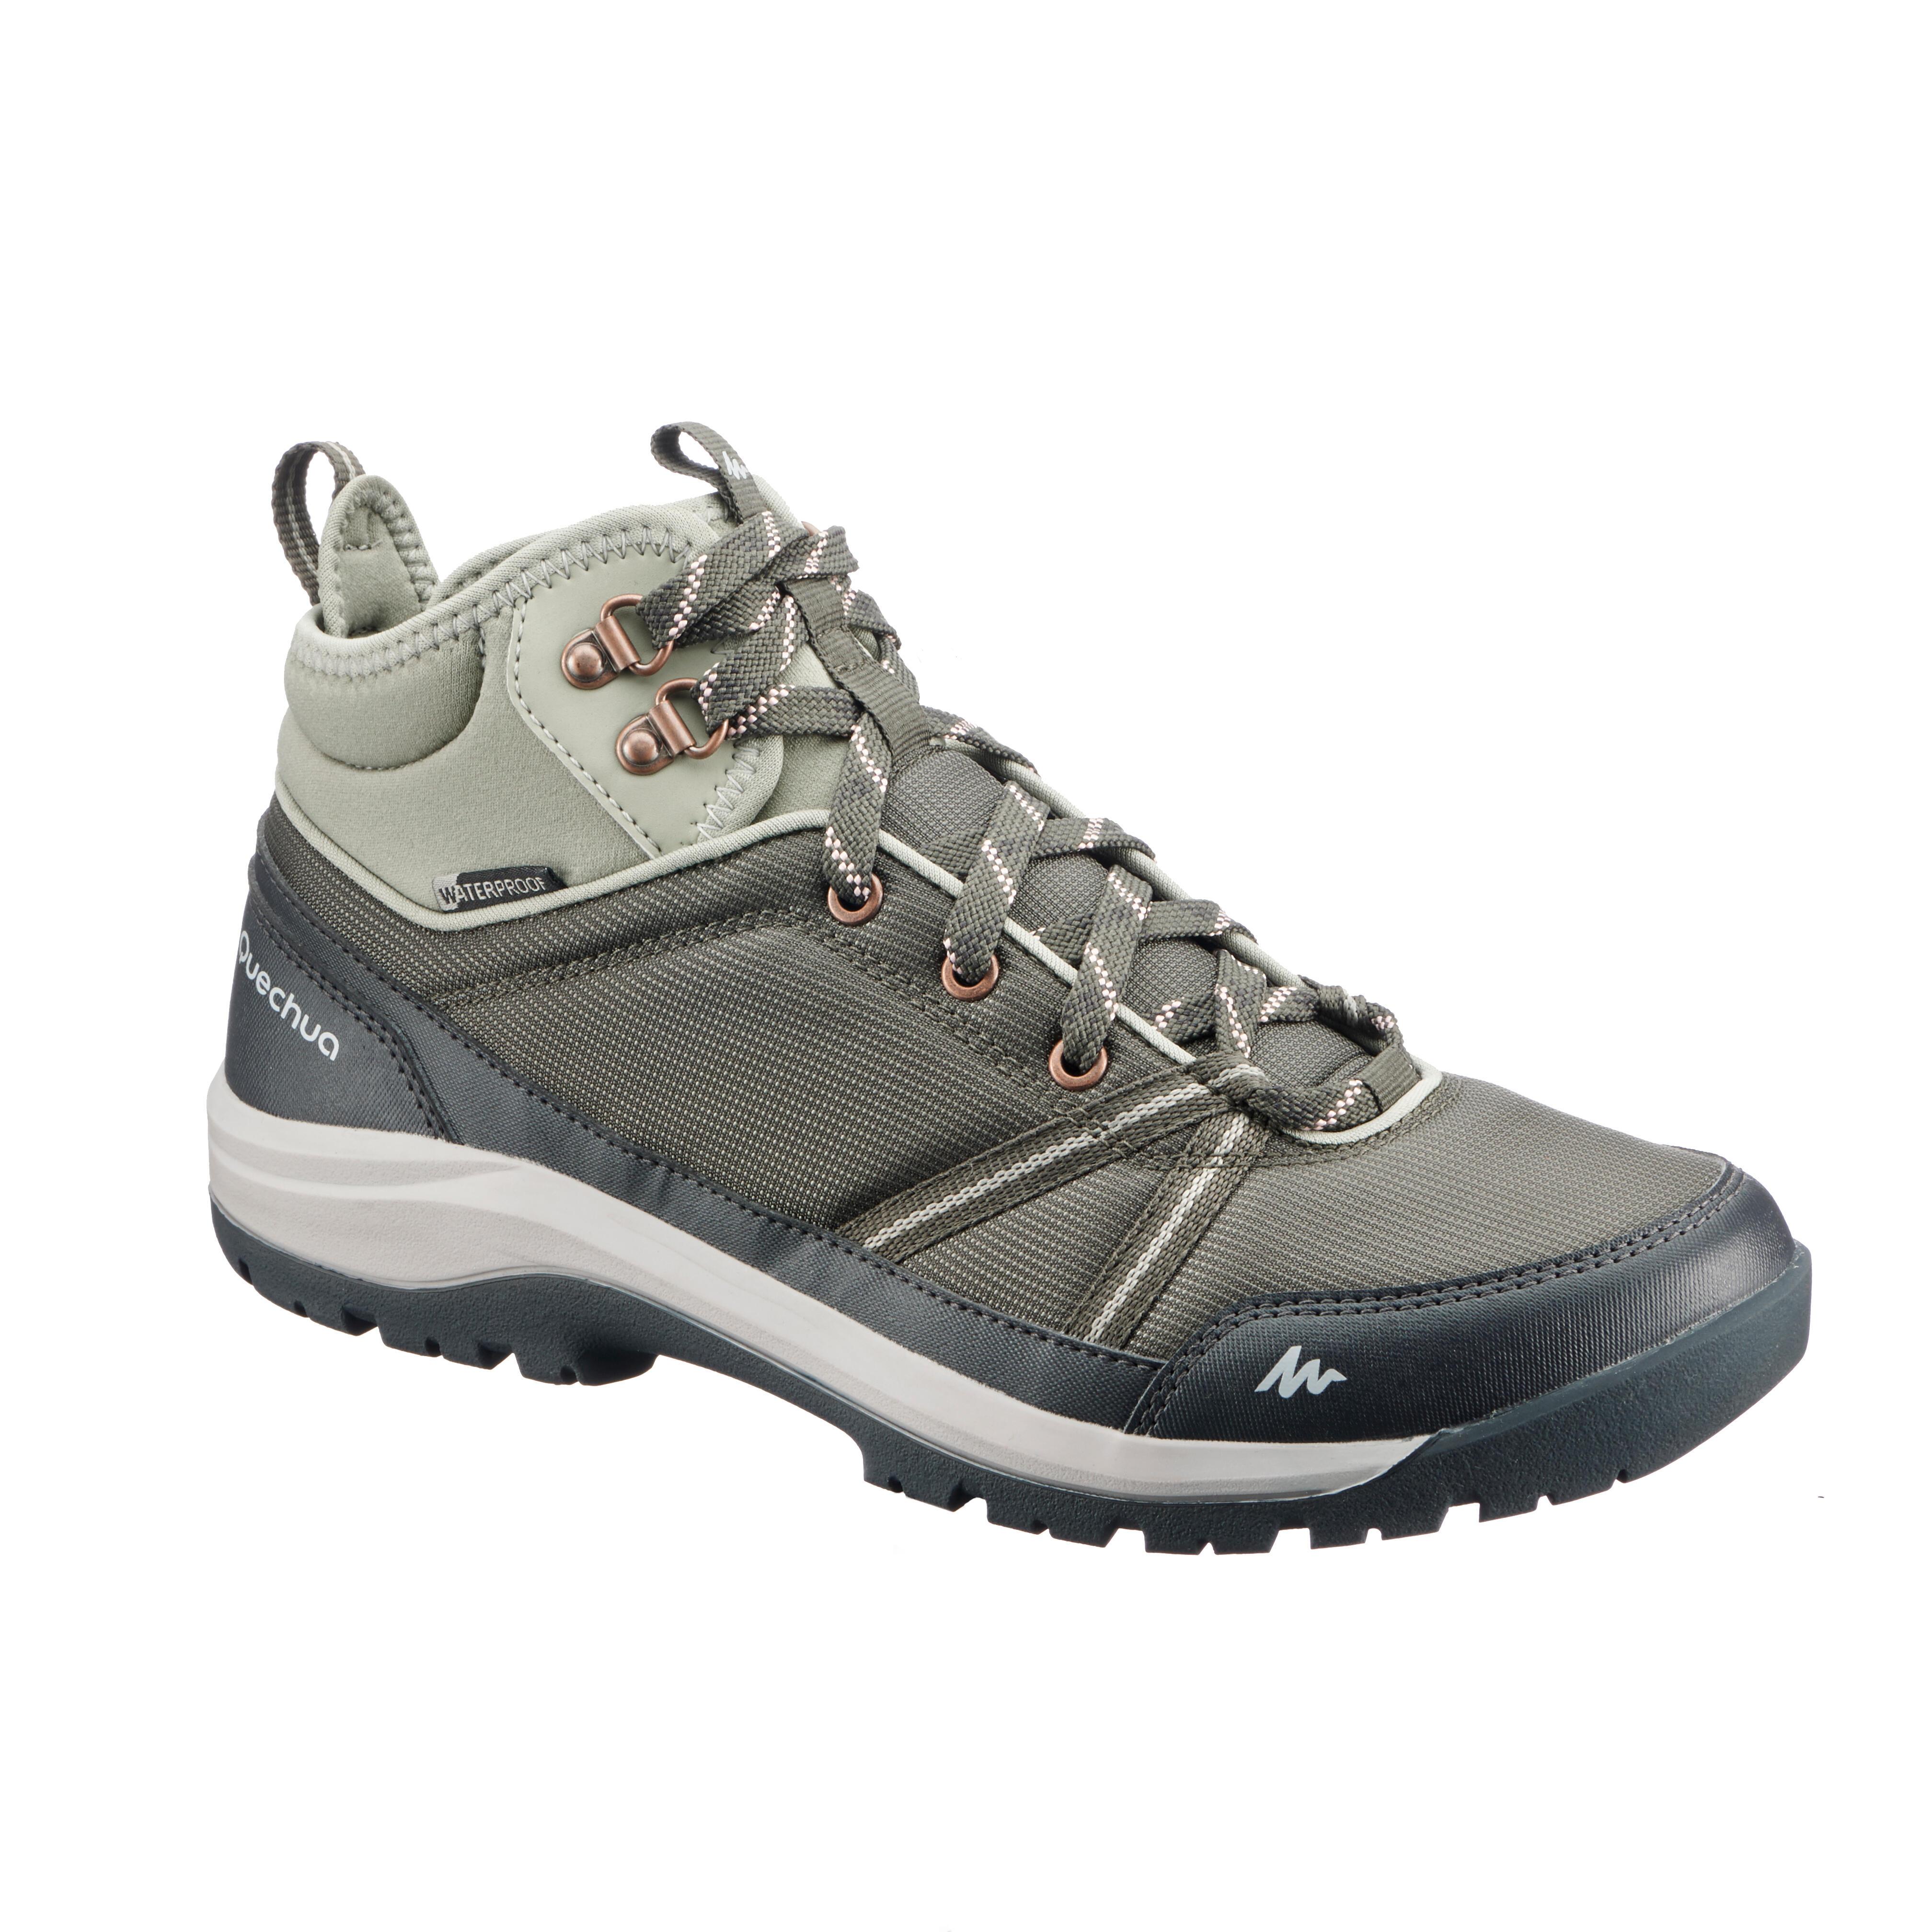 2562746 Quechua Wandelschoenen voor dames NH300 mid waterdicht groen kaki